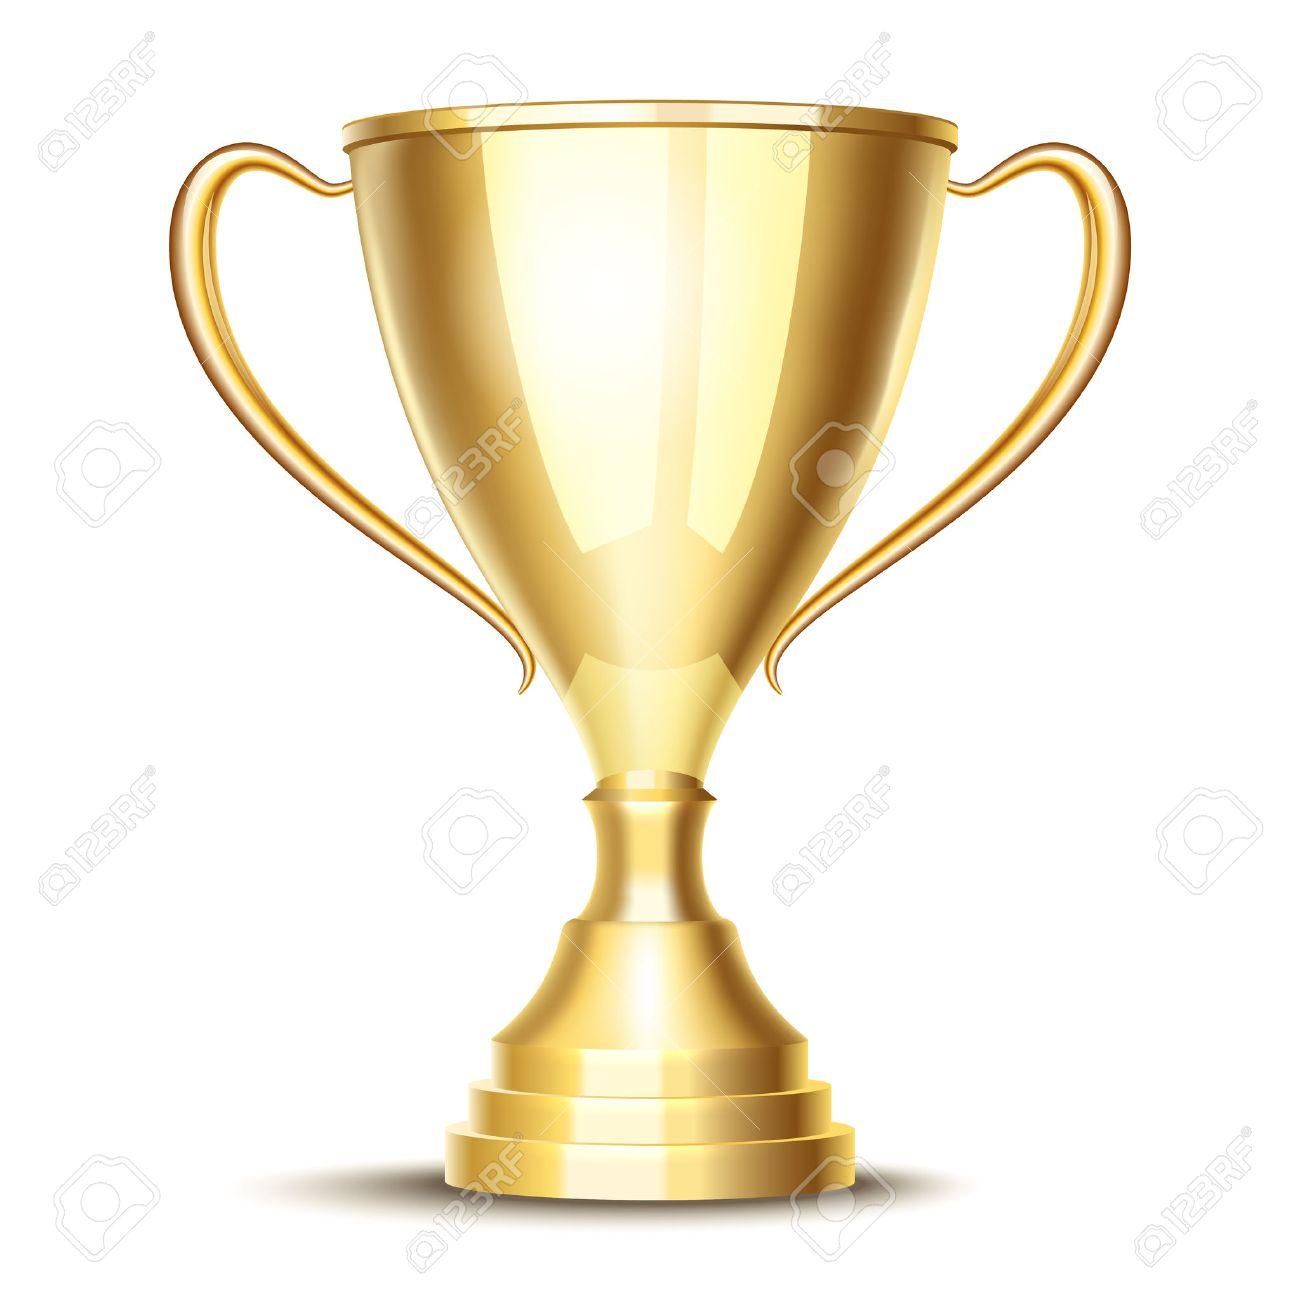 Vecteur Gagnant Trophée De La Coupe Clip Art Libres De Droits , Vecteurs Et  Illustration. Image 40787347.